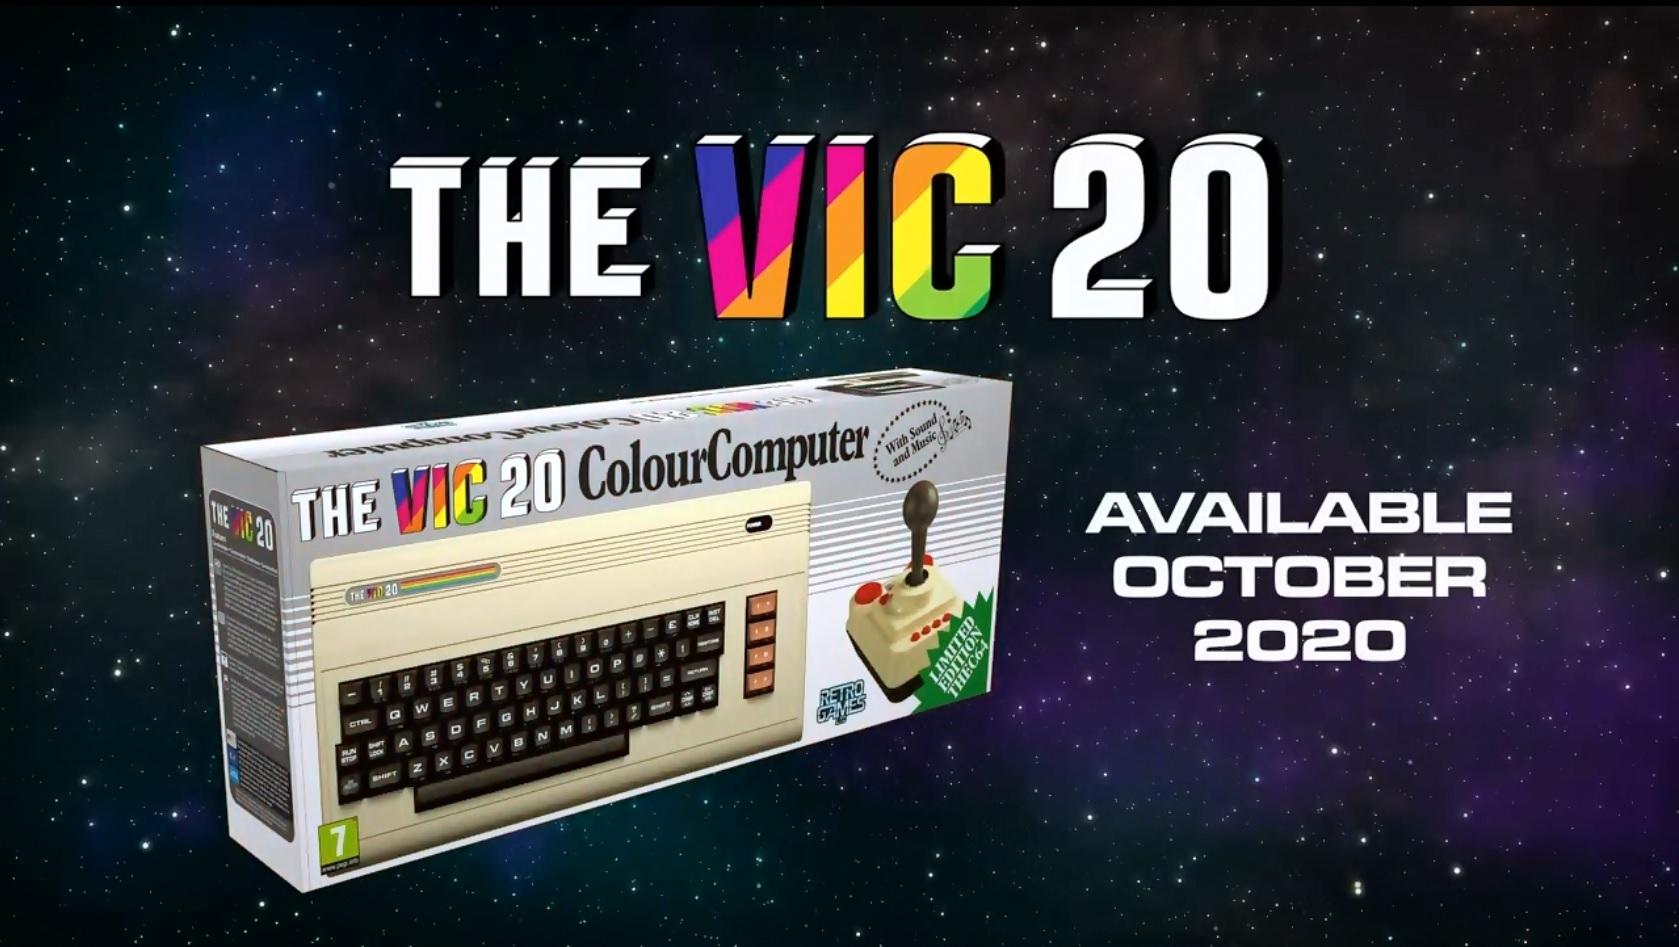 L'ordinateur personnel THEVIC20 fait don grand retour !